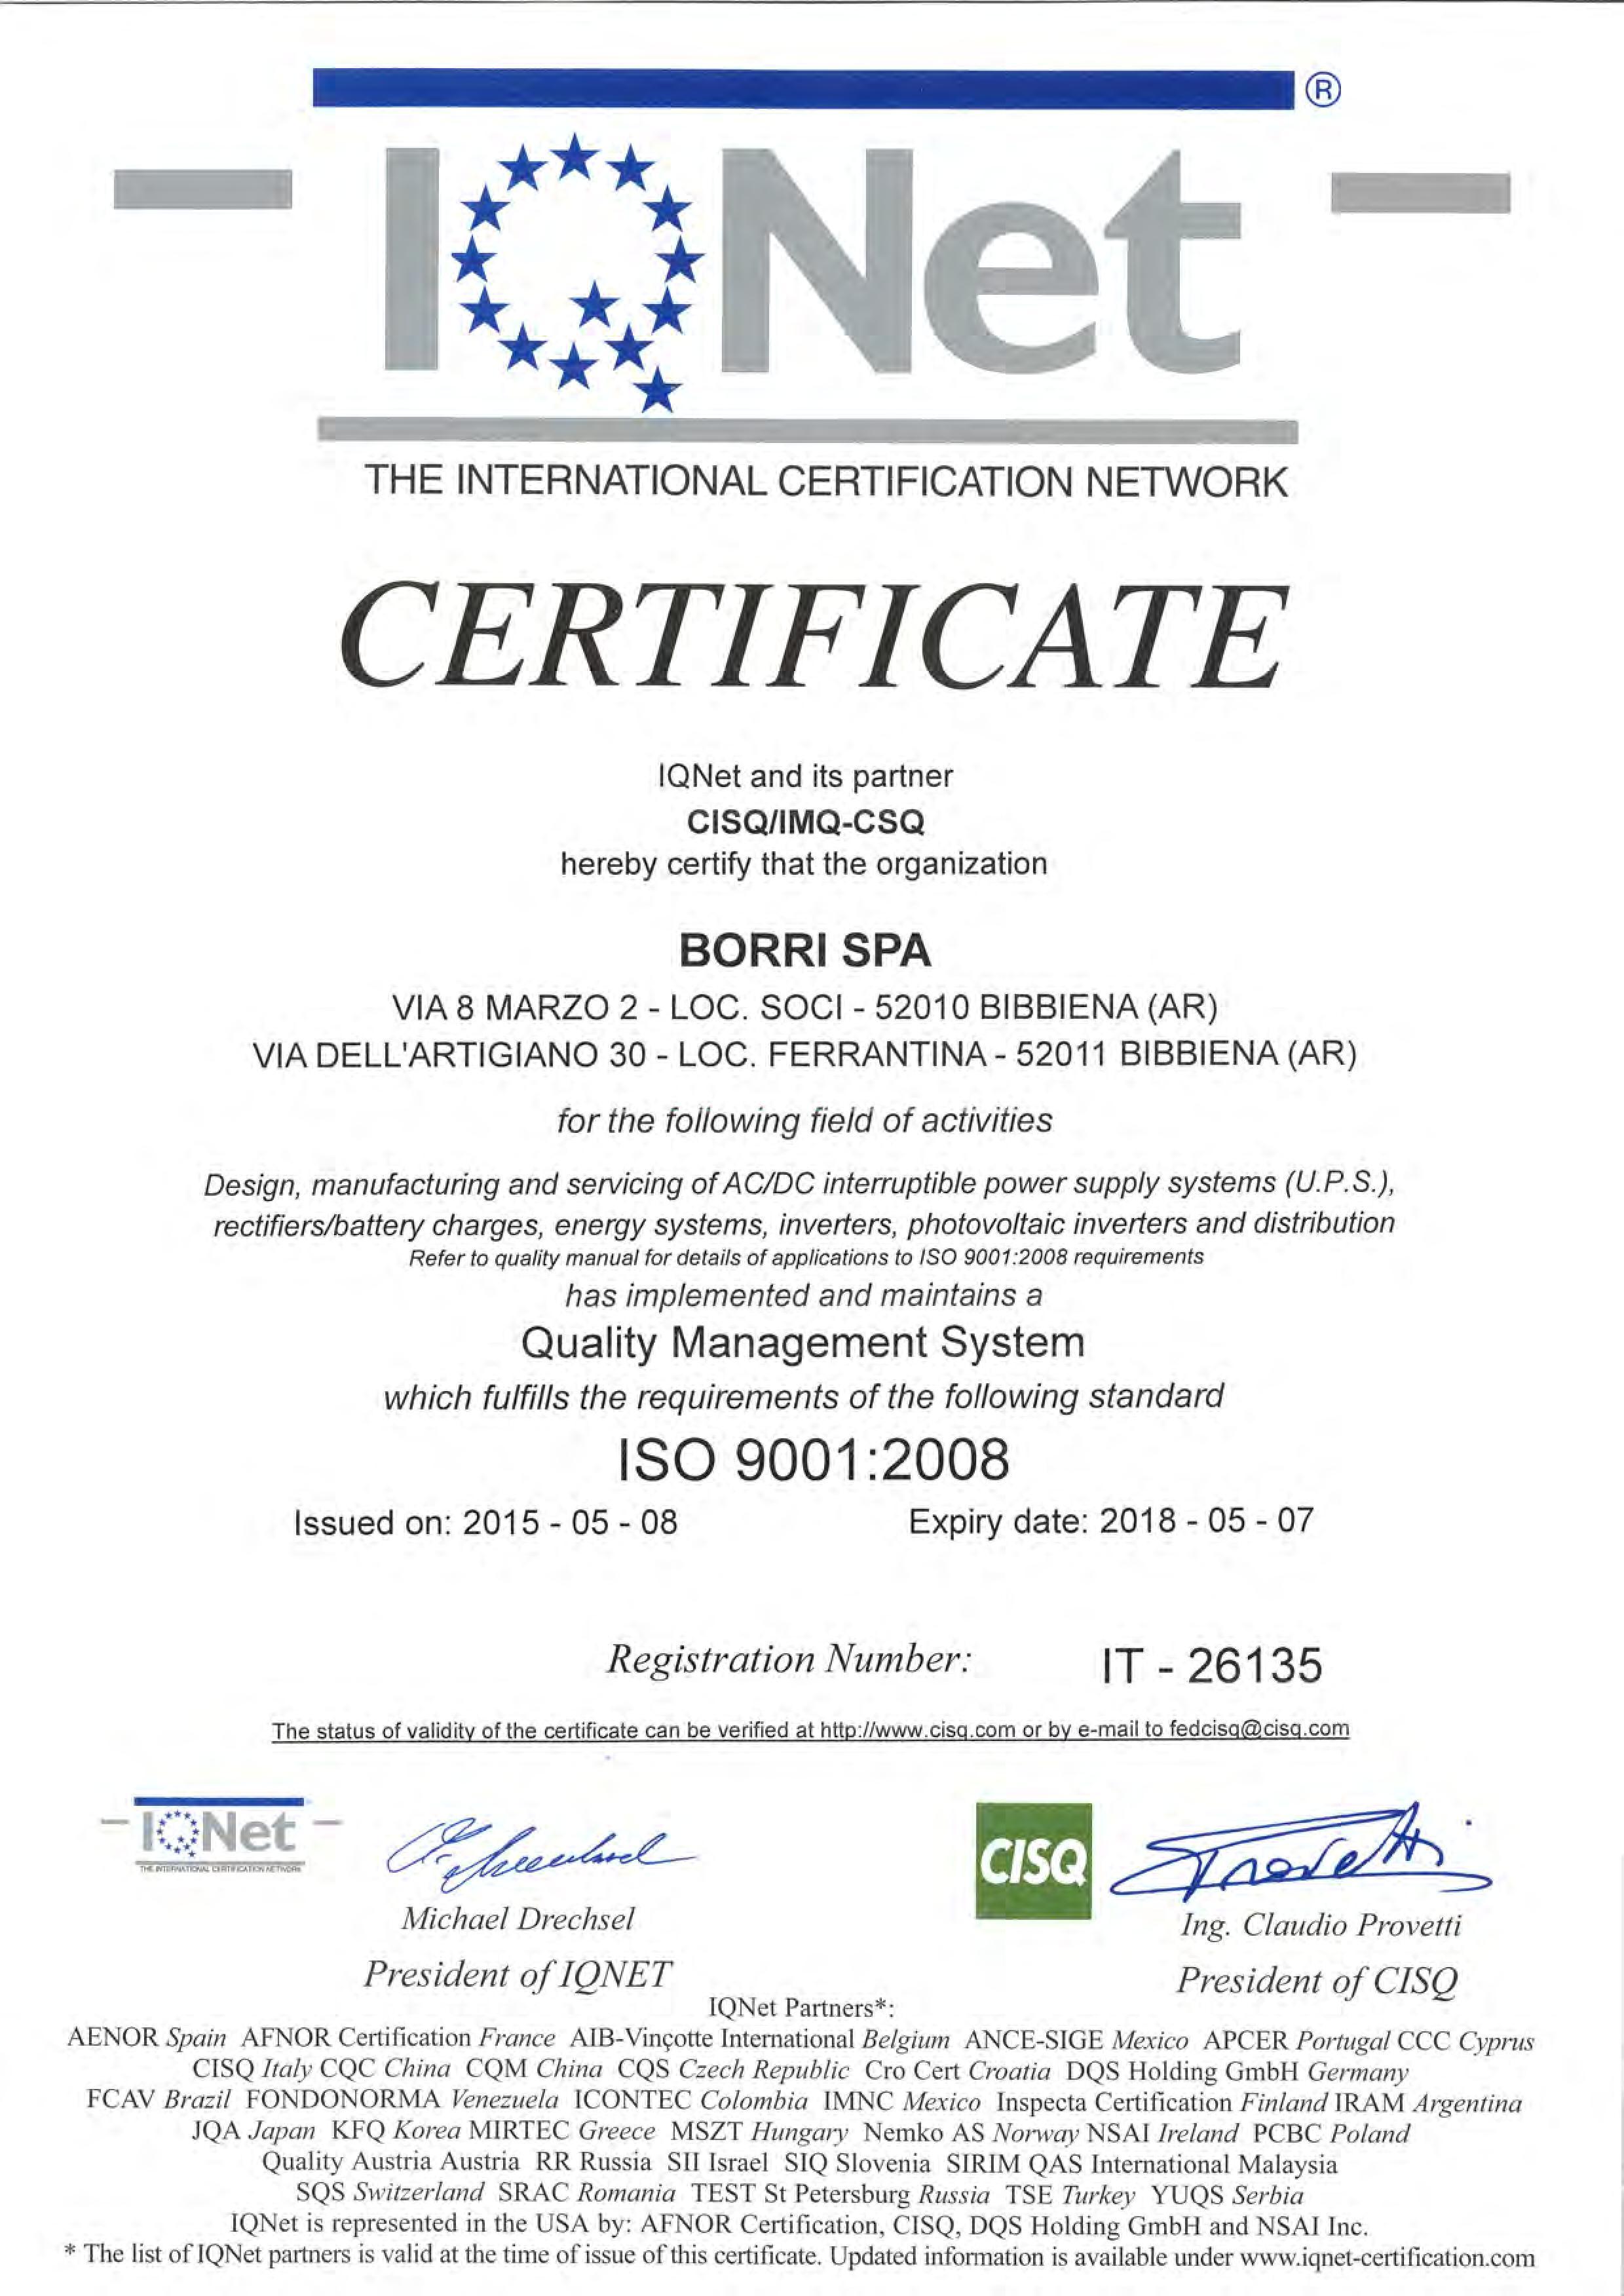 Ейч Ай Инженериг Сертификат 3 - IQNET